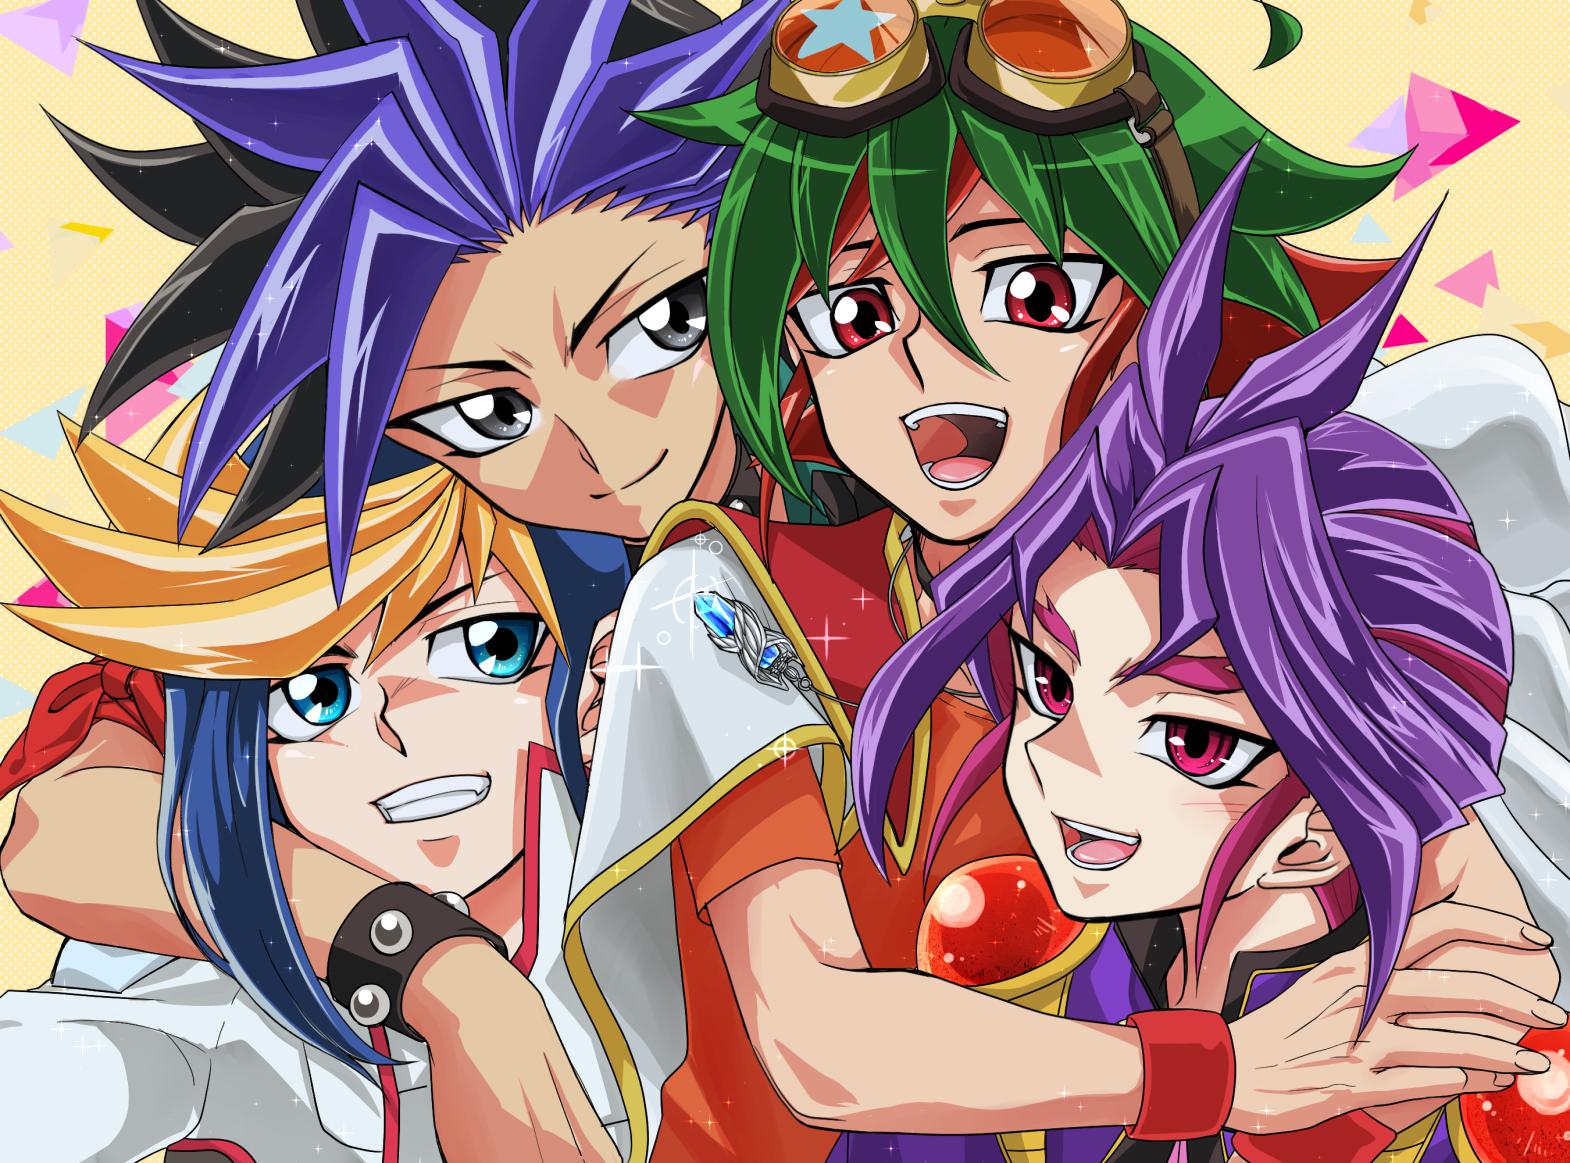 Sakaki Yuya - Yu-Gi-Oh! ARC-V - Image #2116150 - Zerochan